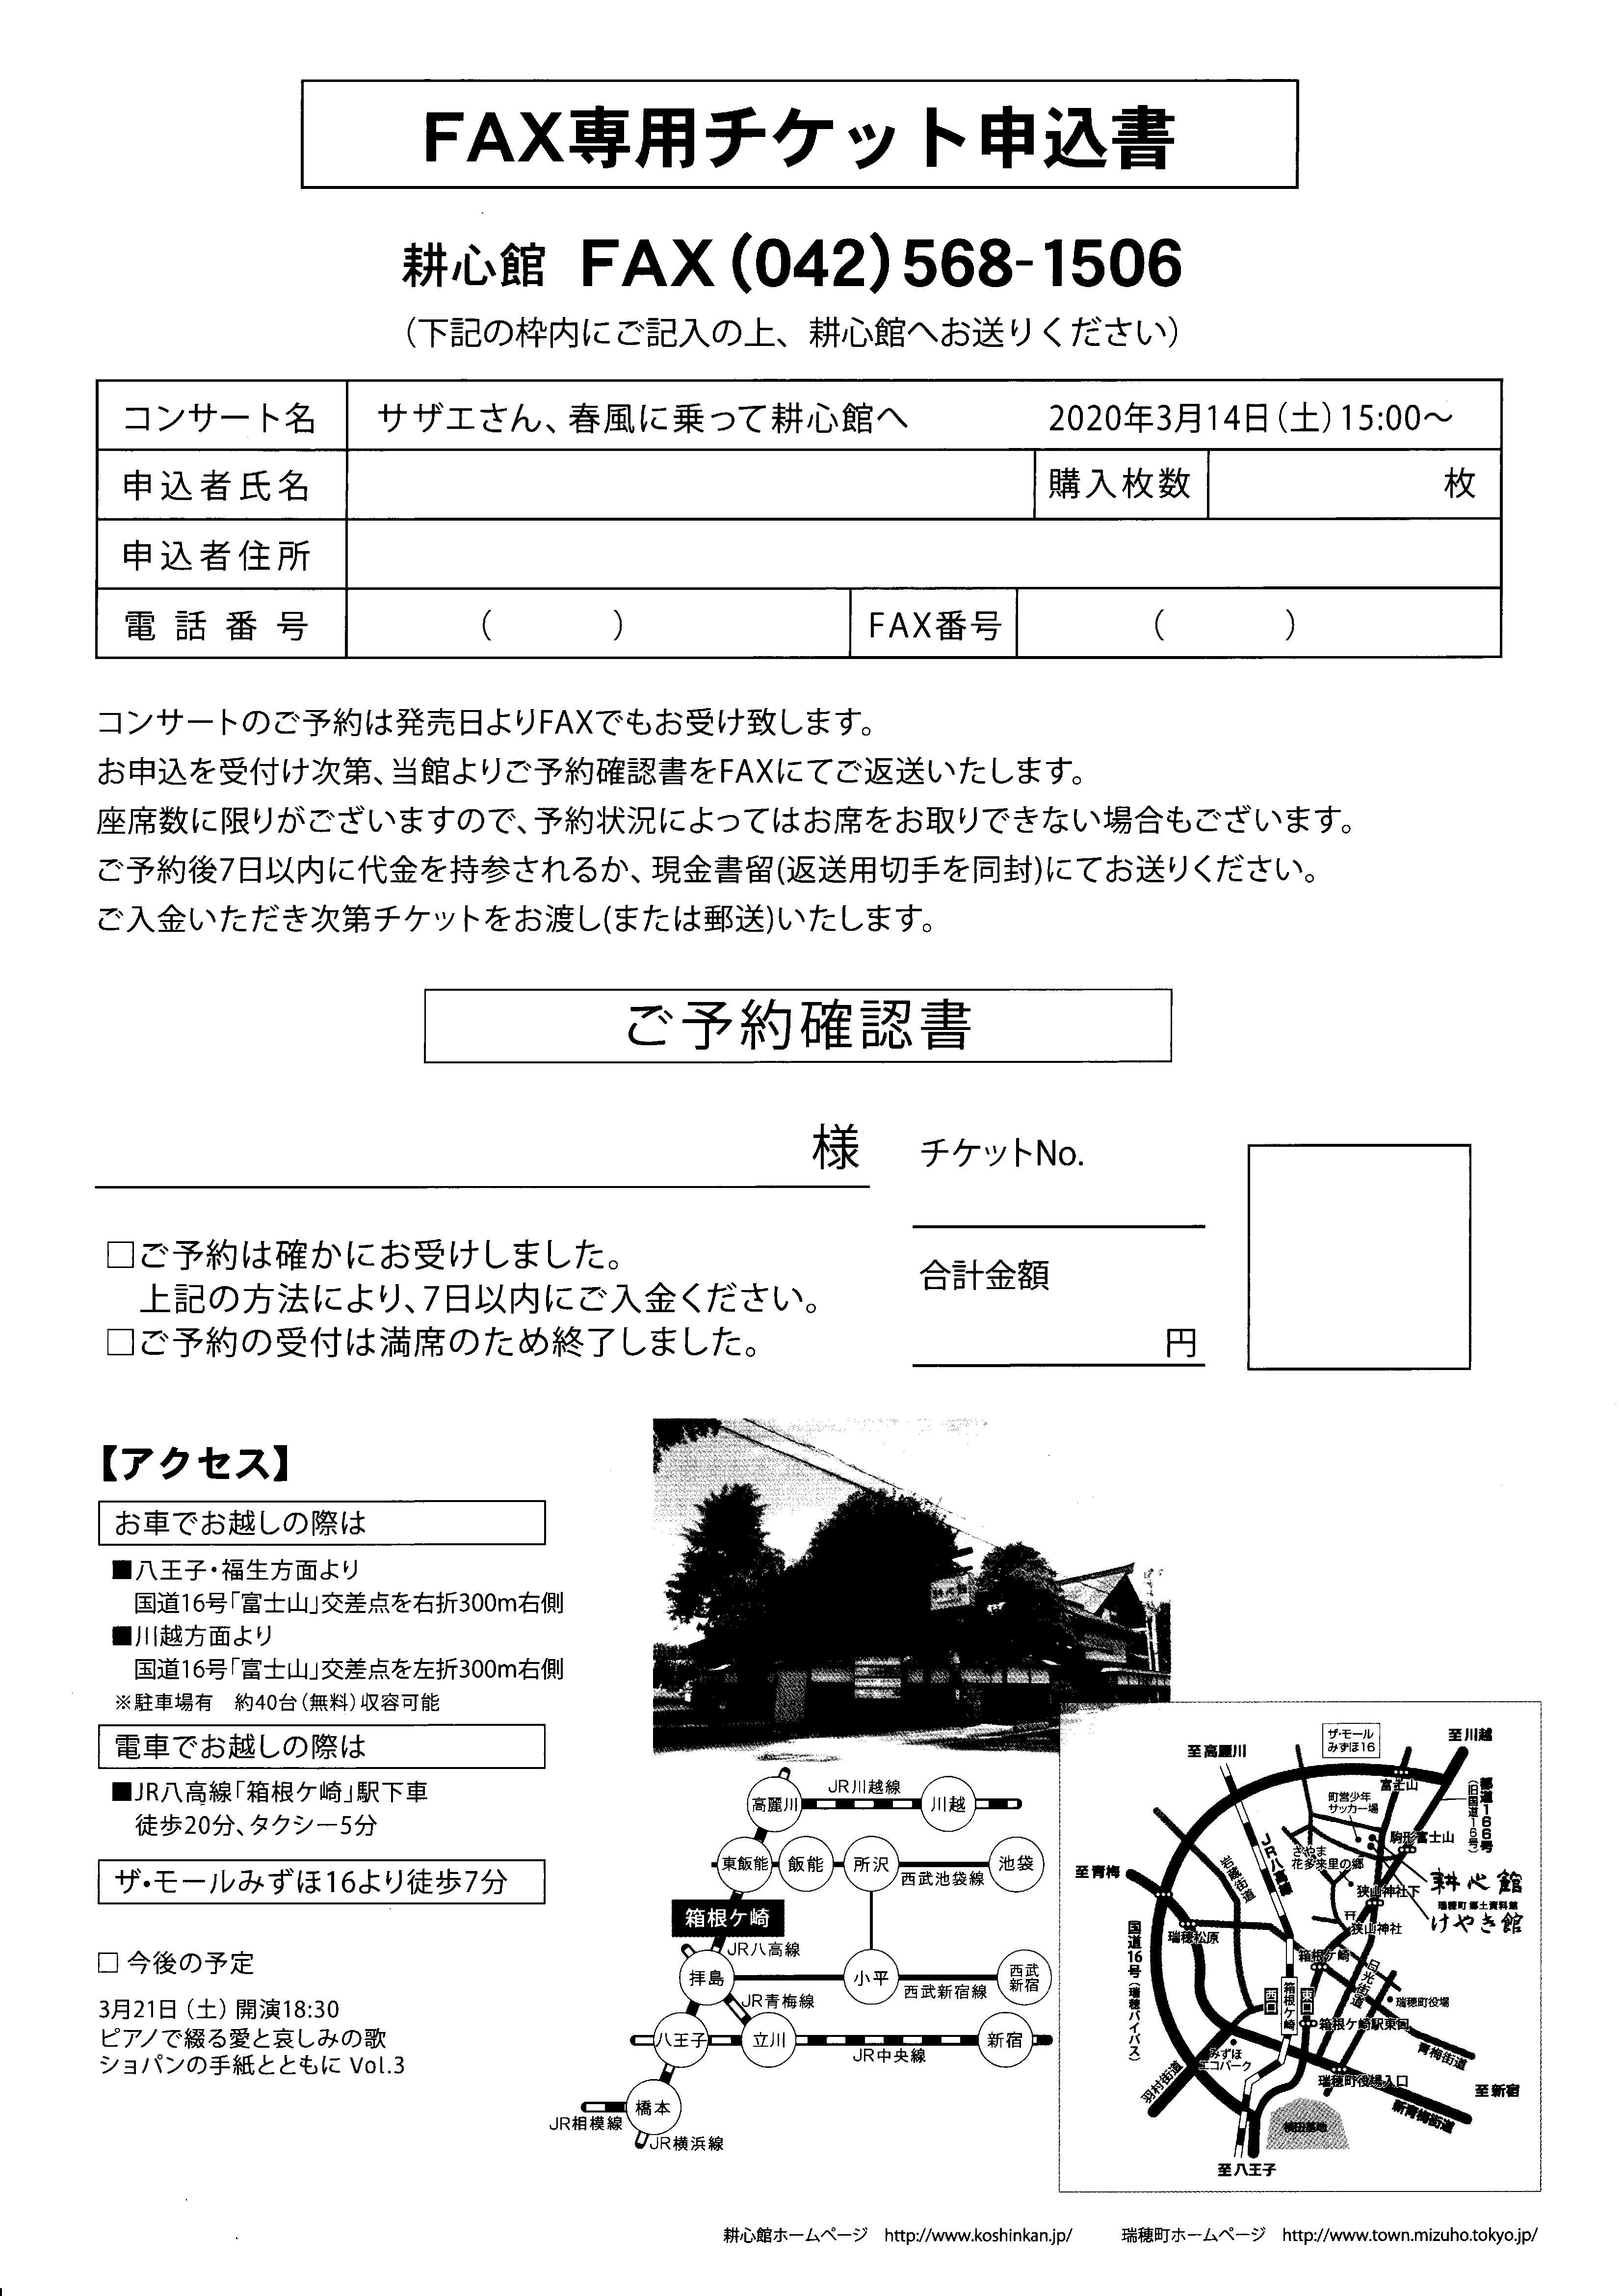 http://unoyuko.com/blog/chanson/imgfax.jpg